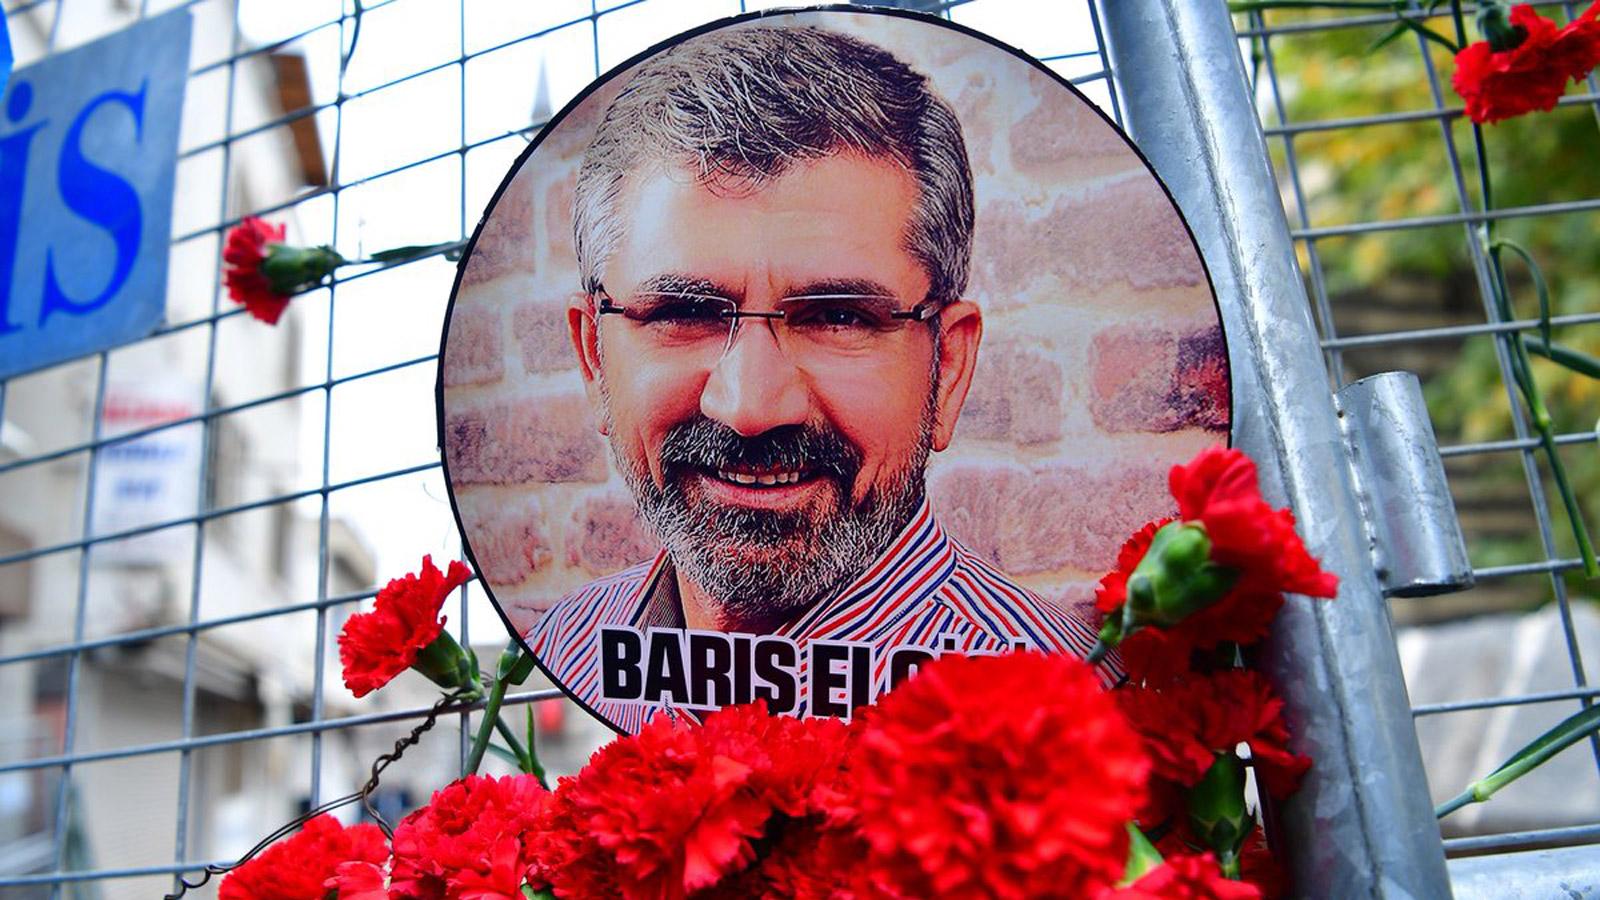 Υπόθεση Tahir Elçi    Το αίτημα σύλληψης των κατηγορουμένων αστυνομικών απορρίφθηκε, η αναχώρησή τους απαγορεύτηκε